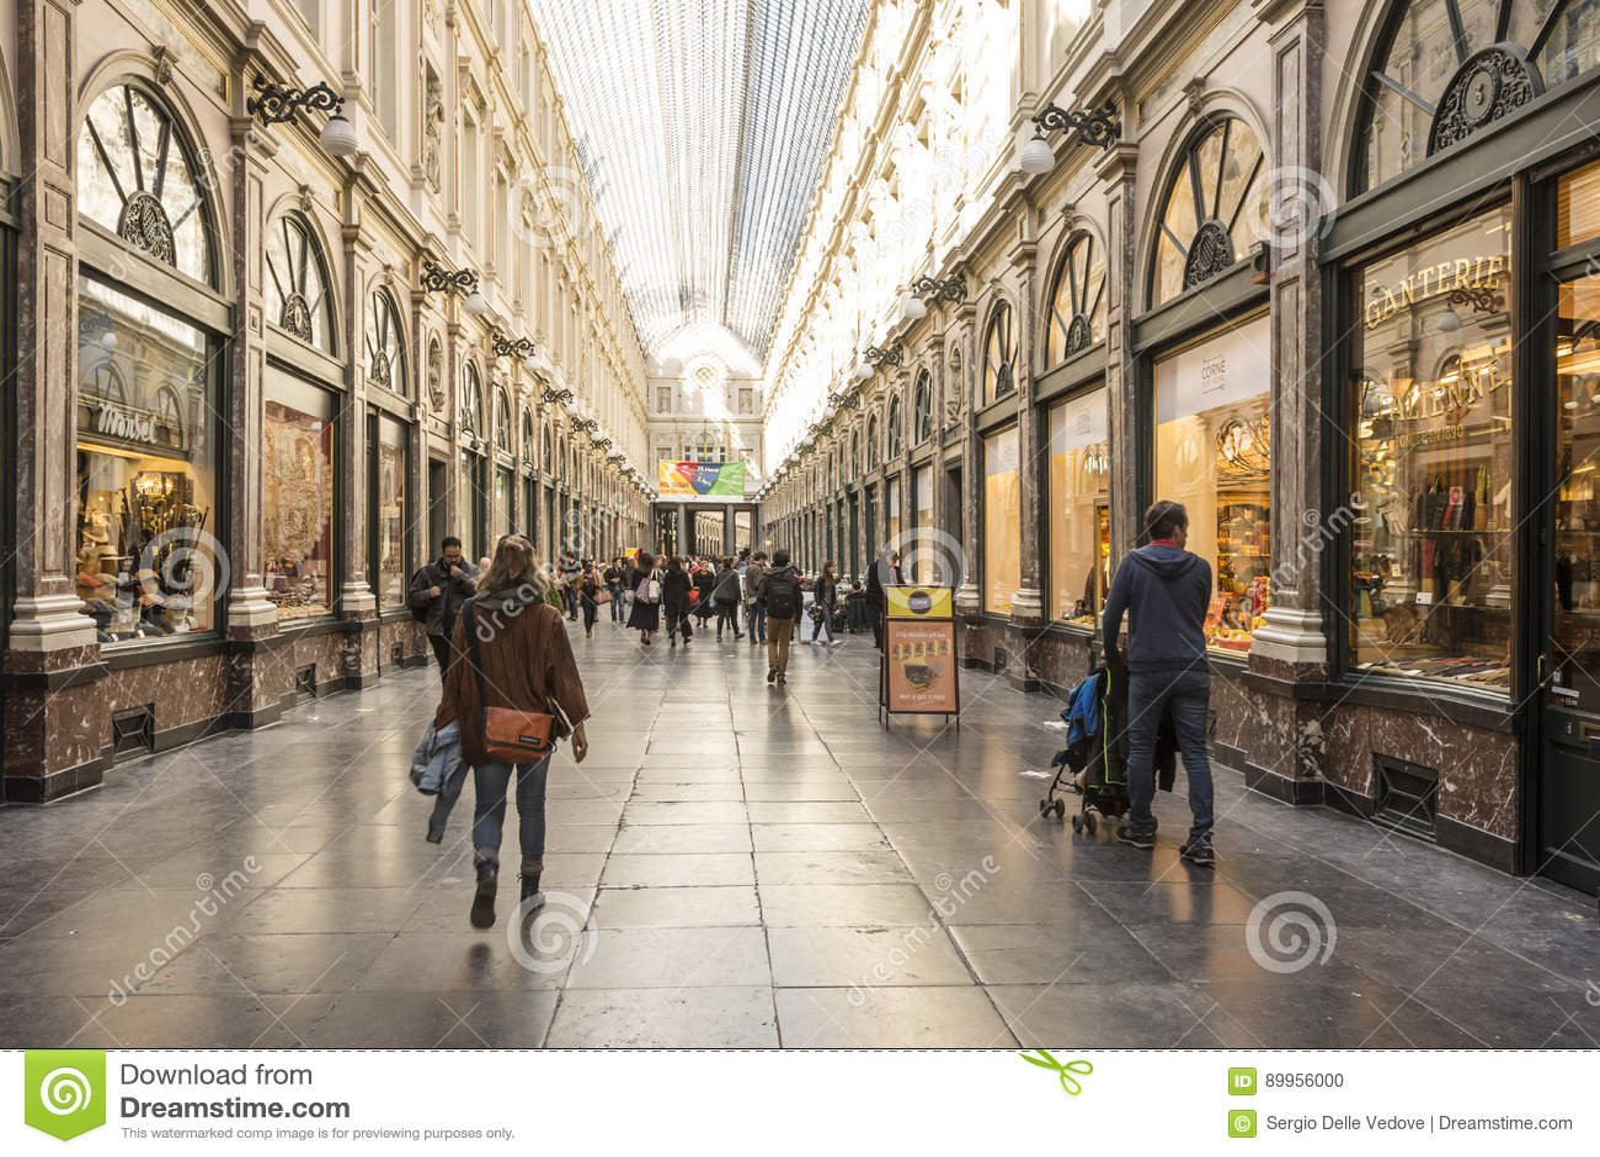 Βασιλική στοά Άγιος-Hubert στις Βρυξέλλες